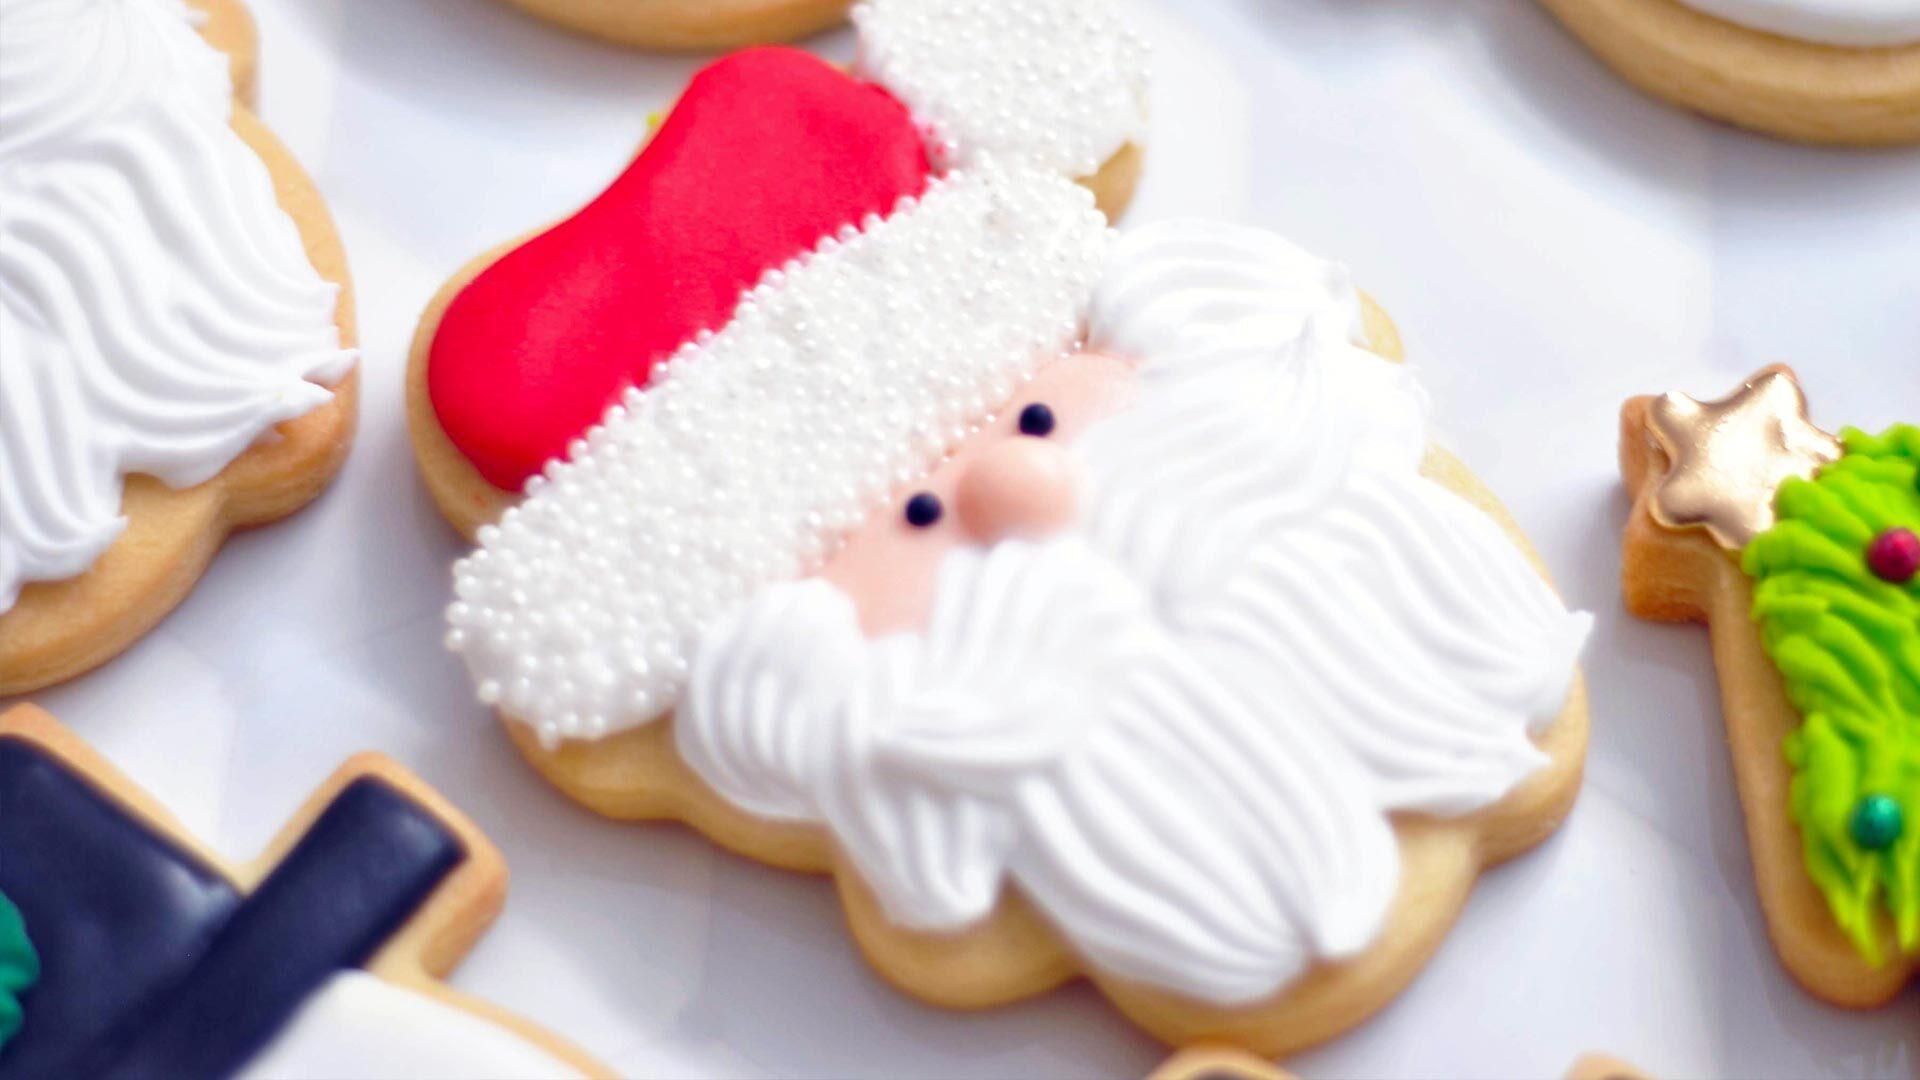 Kto przynosi prezenty w Niemczech? Czy święty Mikołaj?